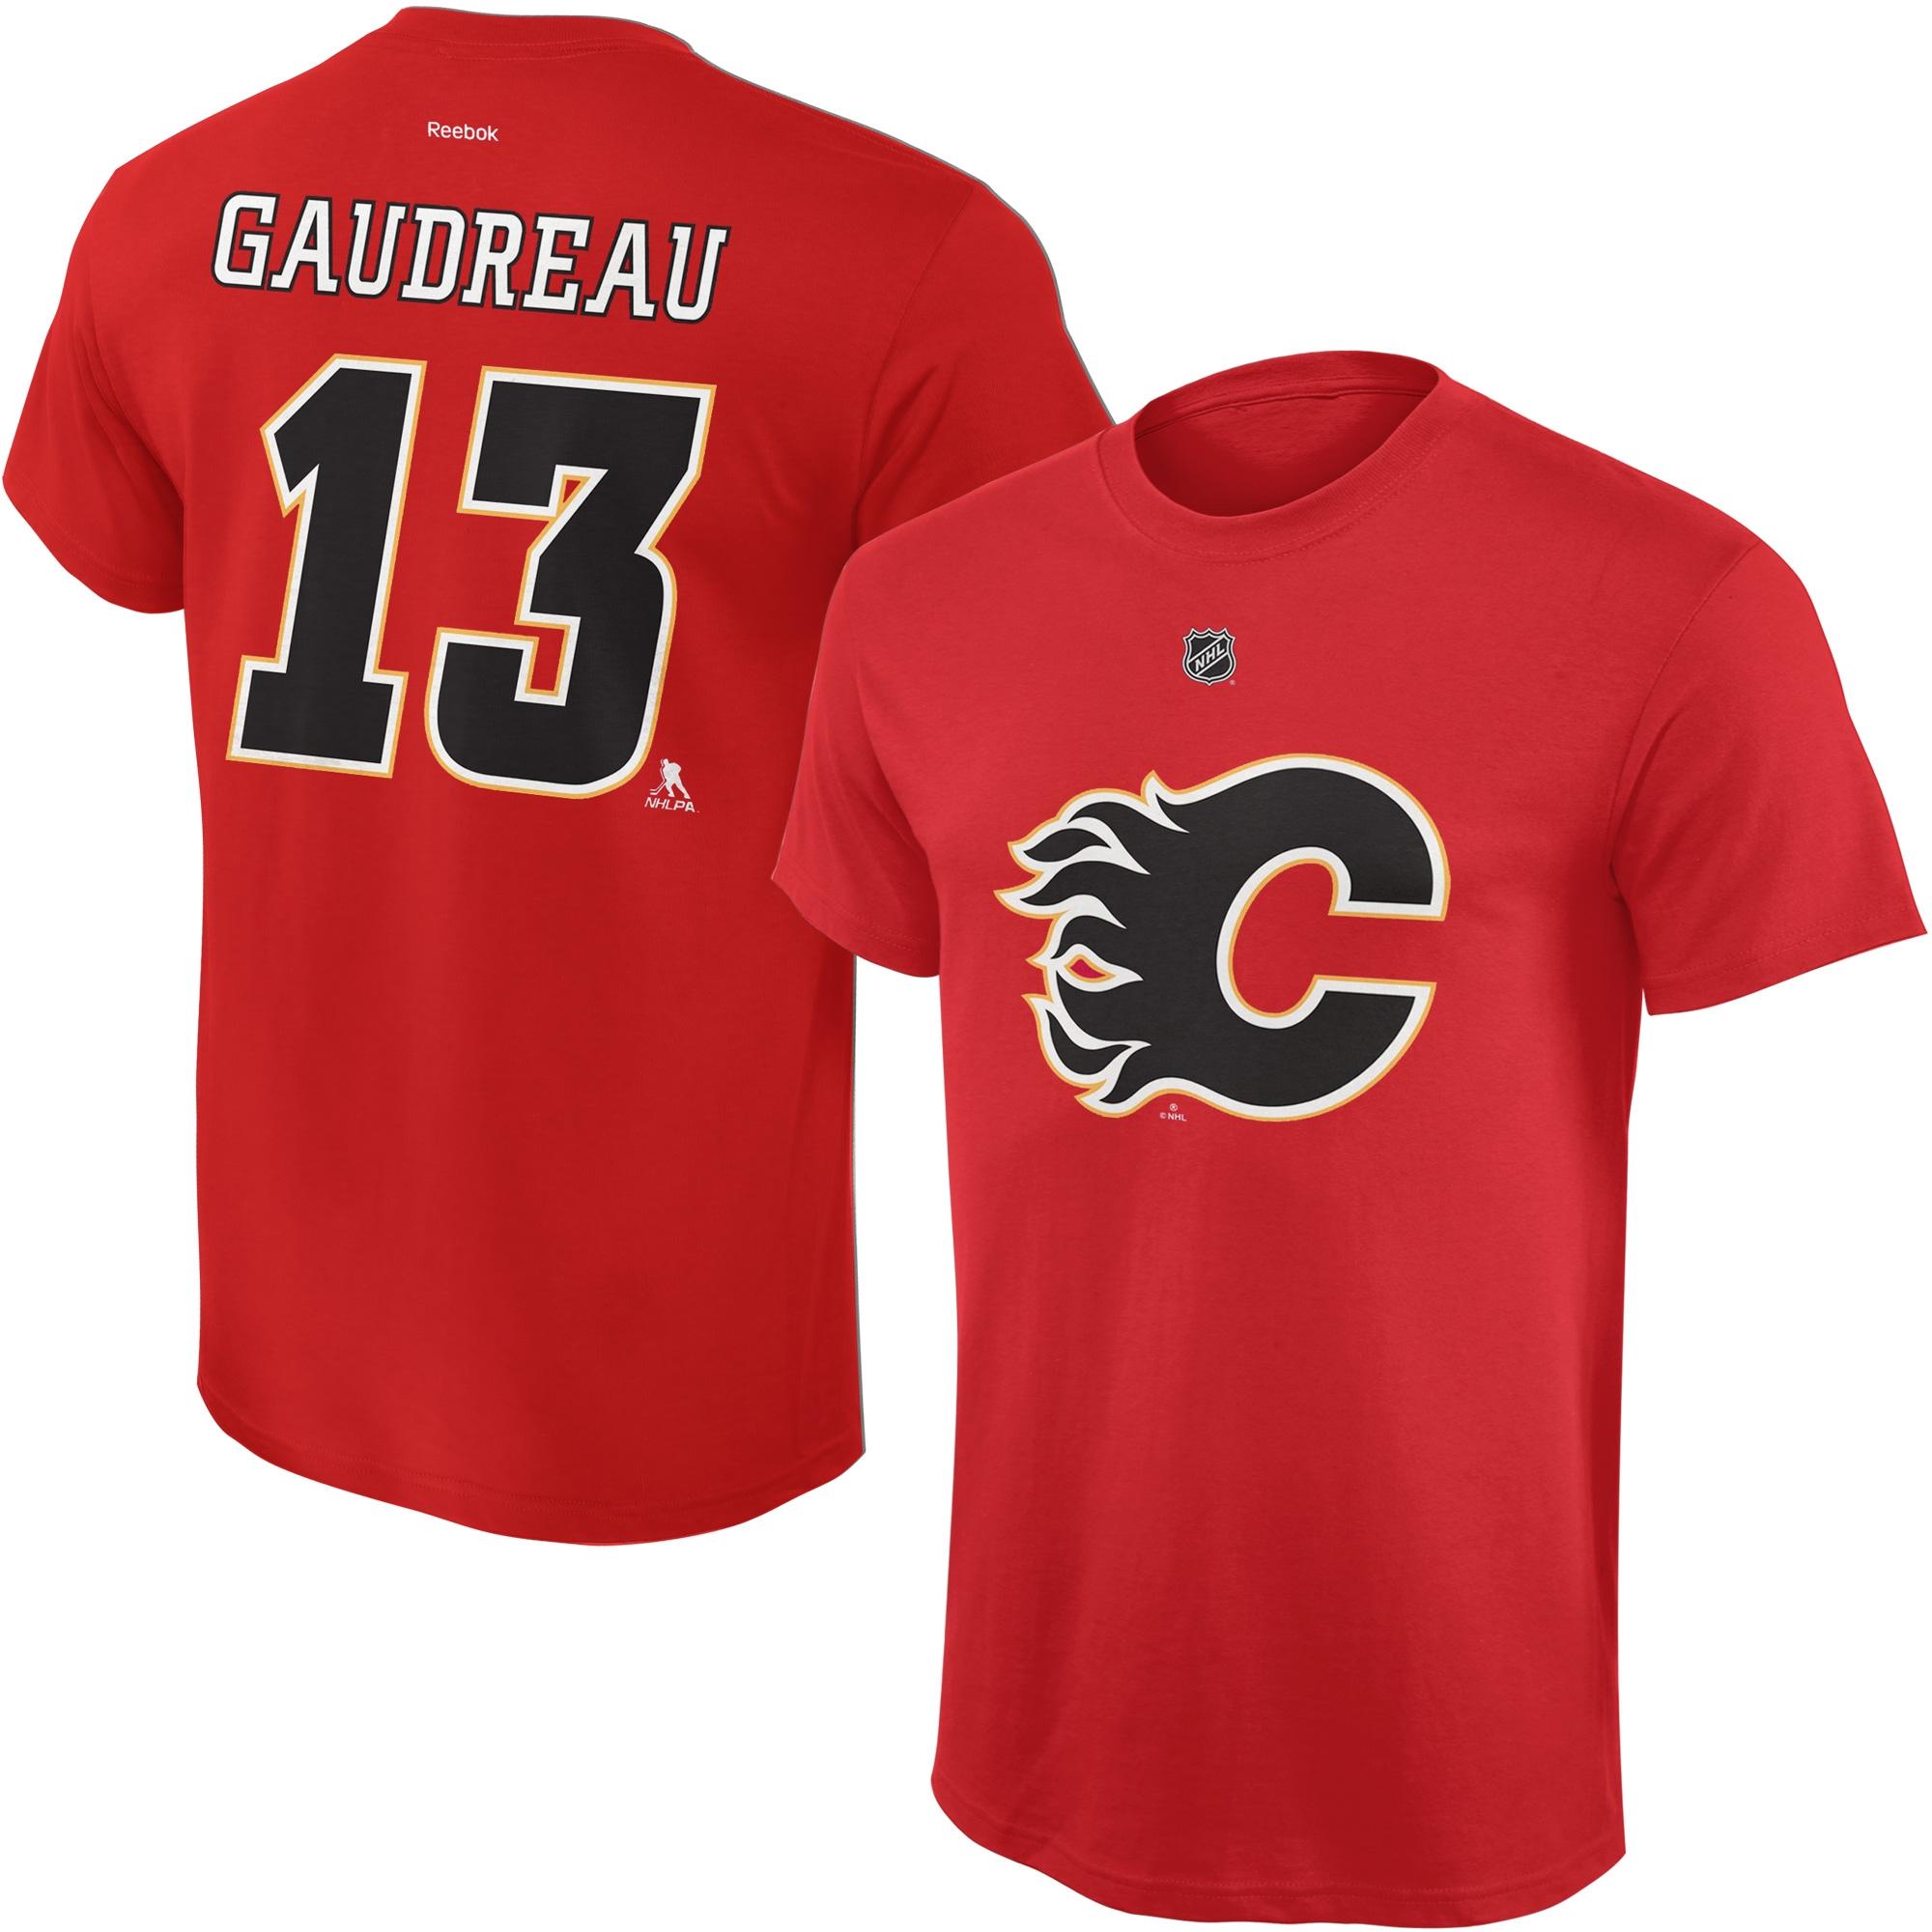 Reebok Dětské tričko Johnny Gaudreau Calgary Flames NHL Name & Number Velikost: Dětské M (9 - 11 let)